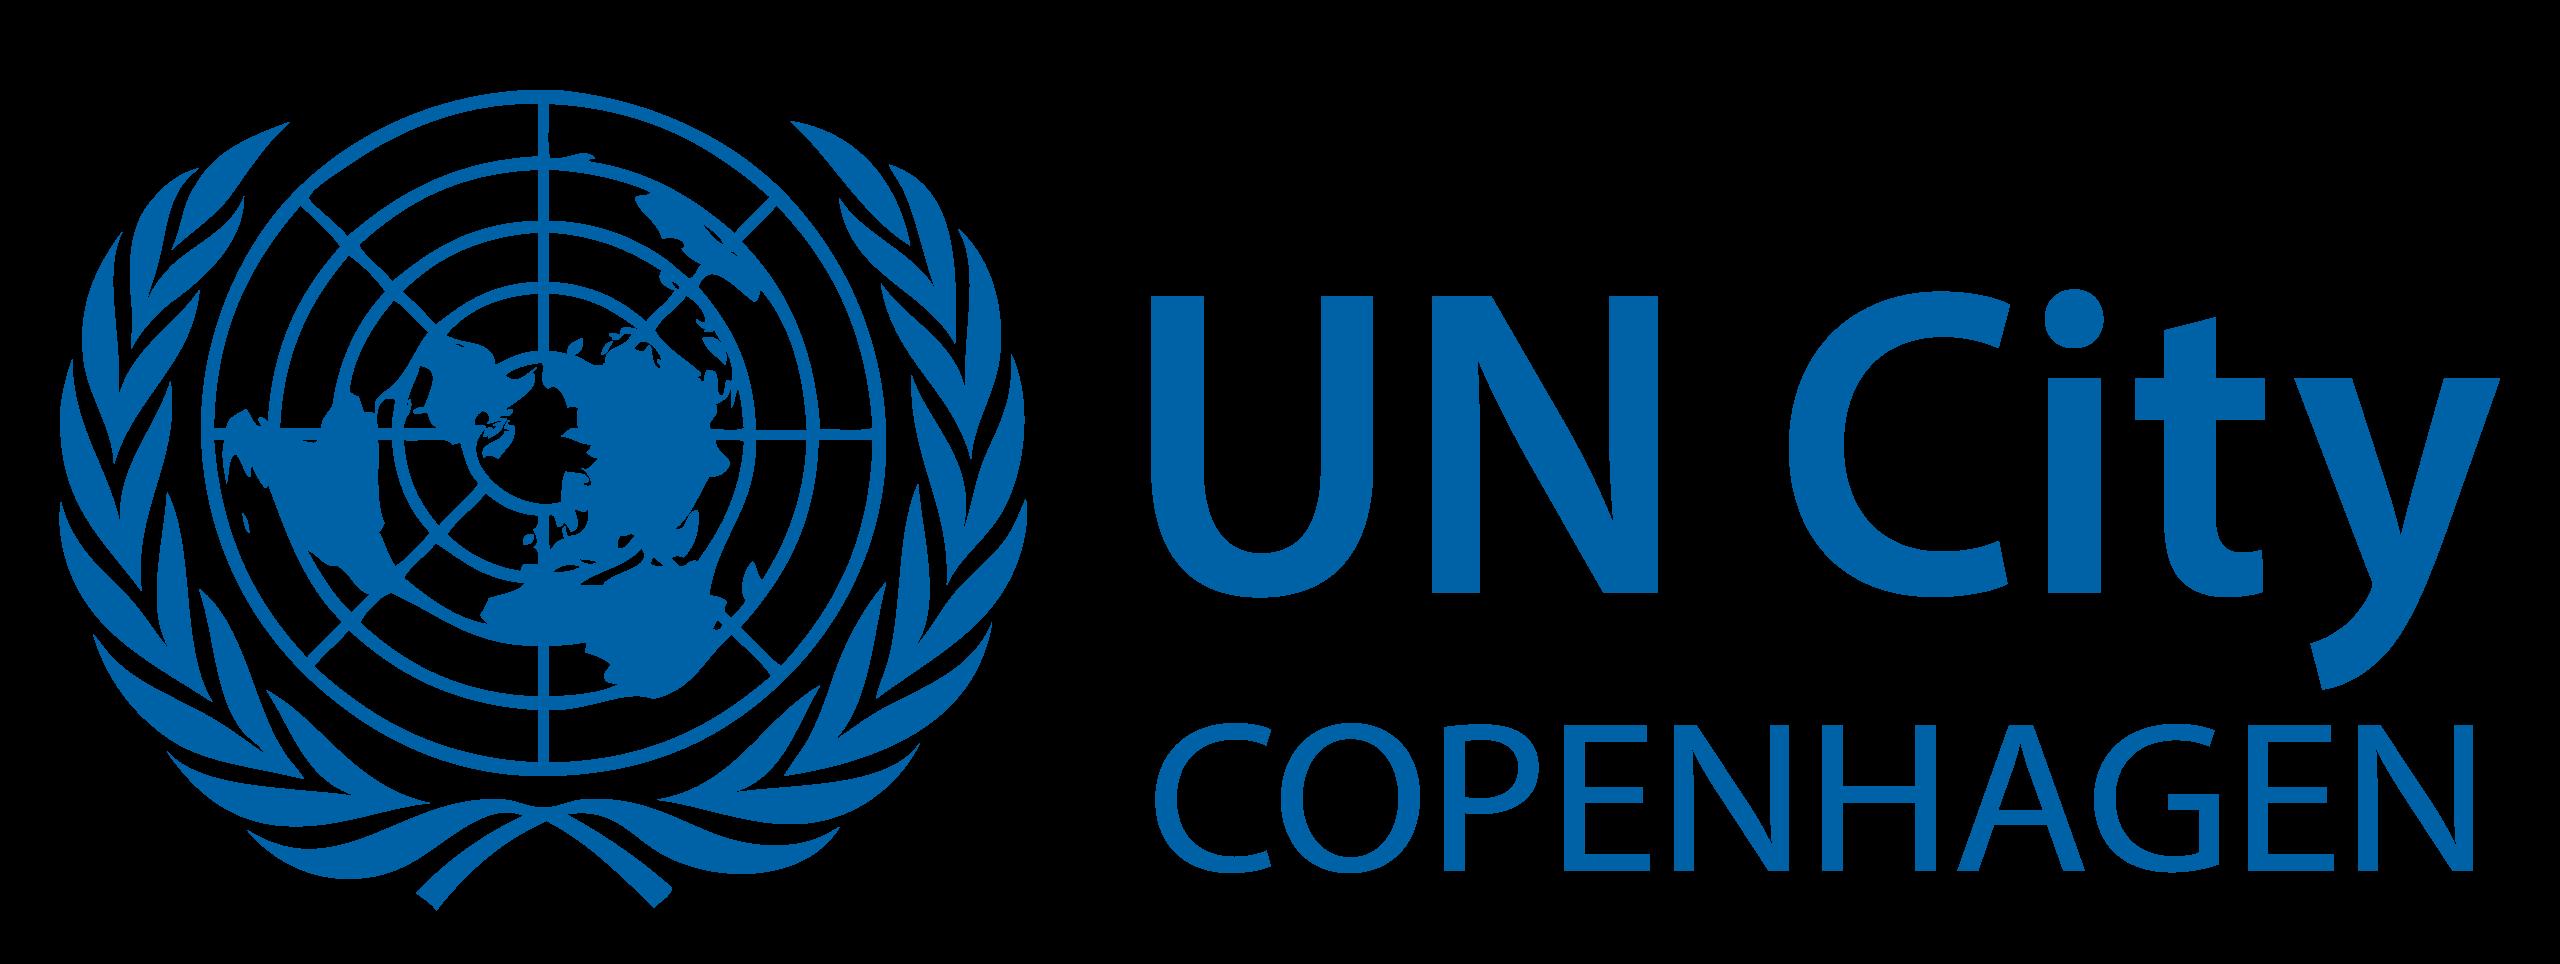 UN City logo